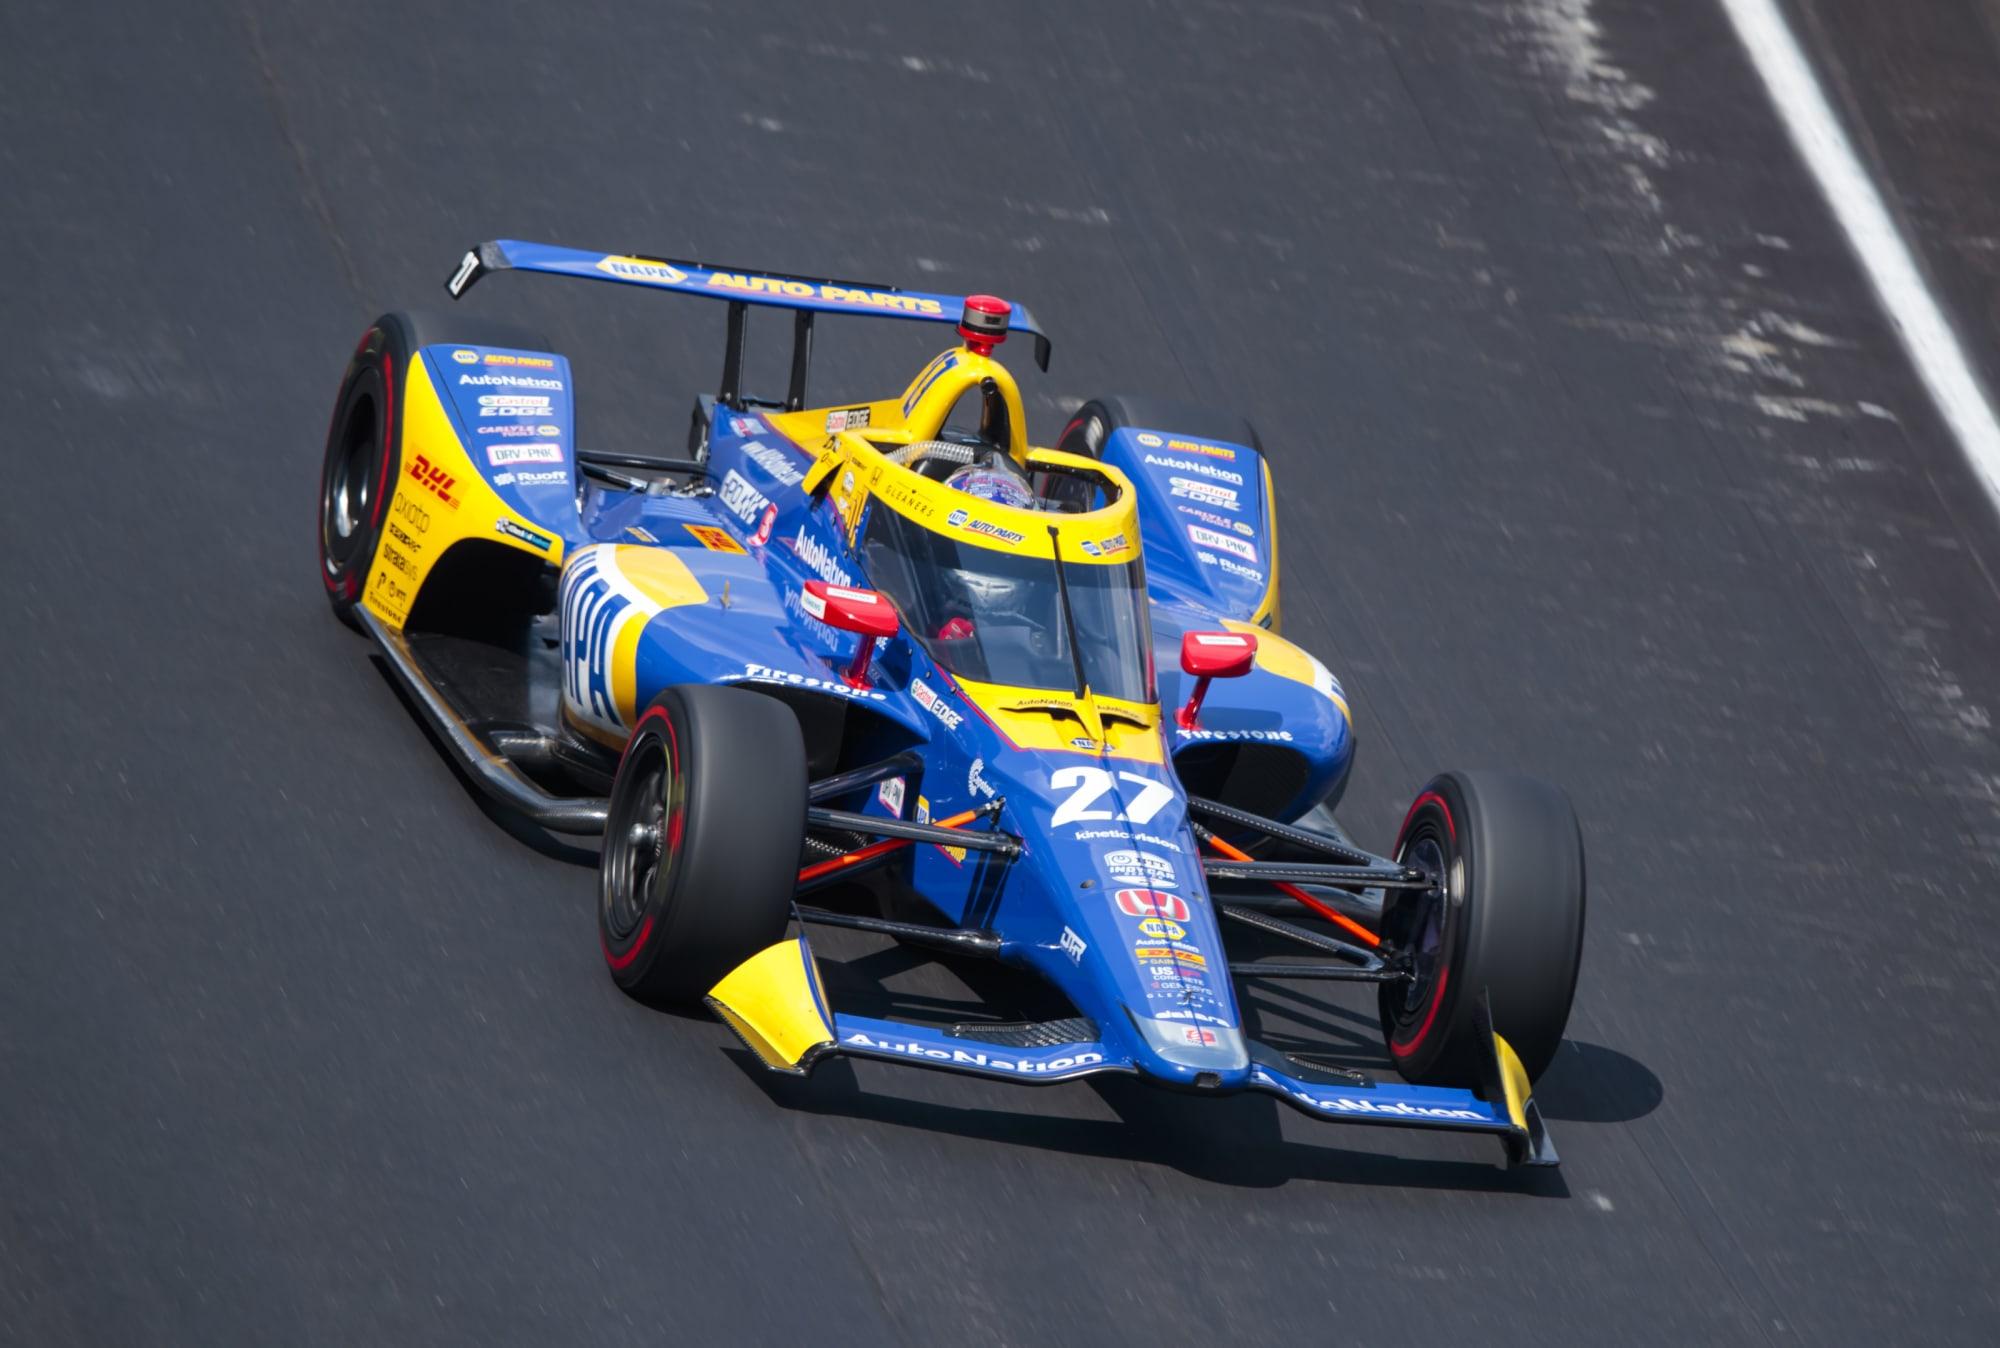 IndyCar: Huge winning streak on the line in St. Petersburg